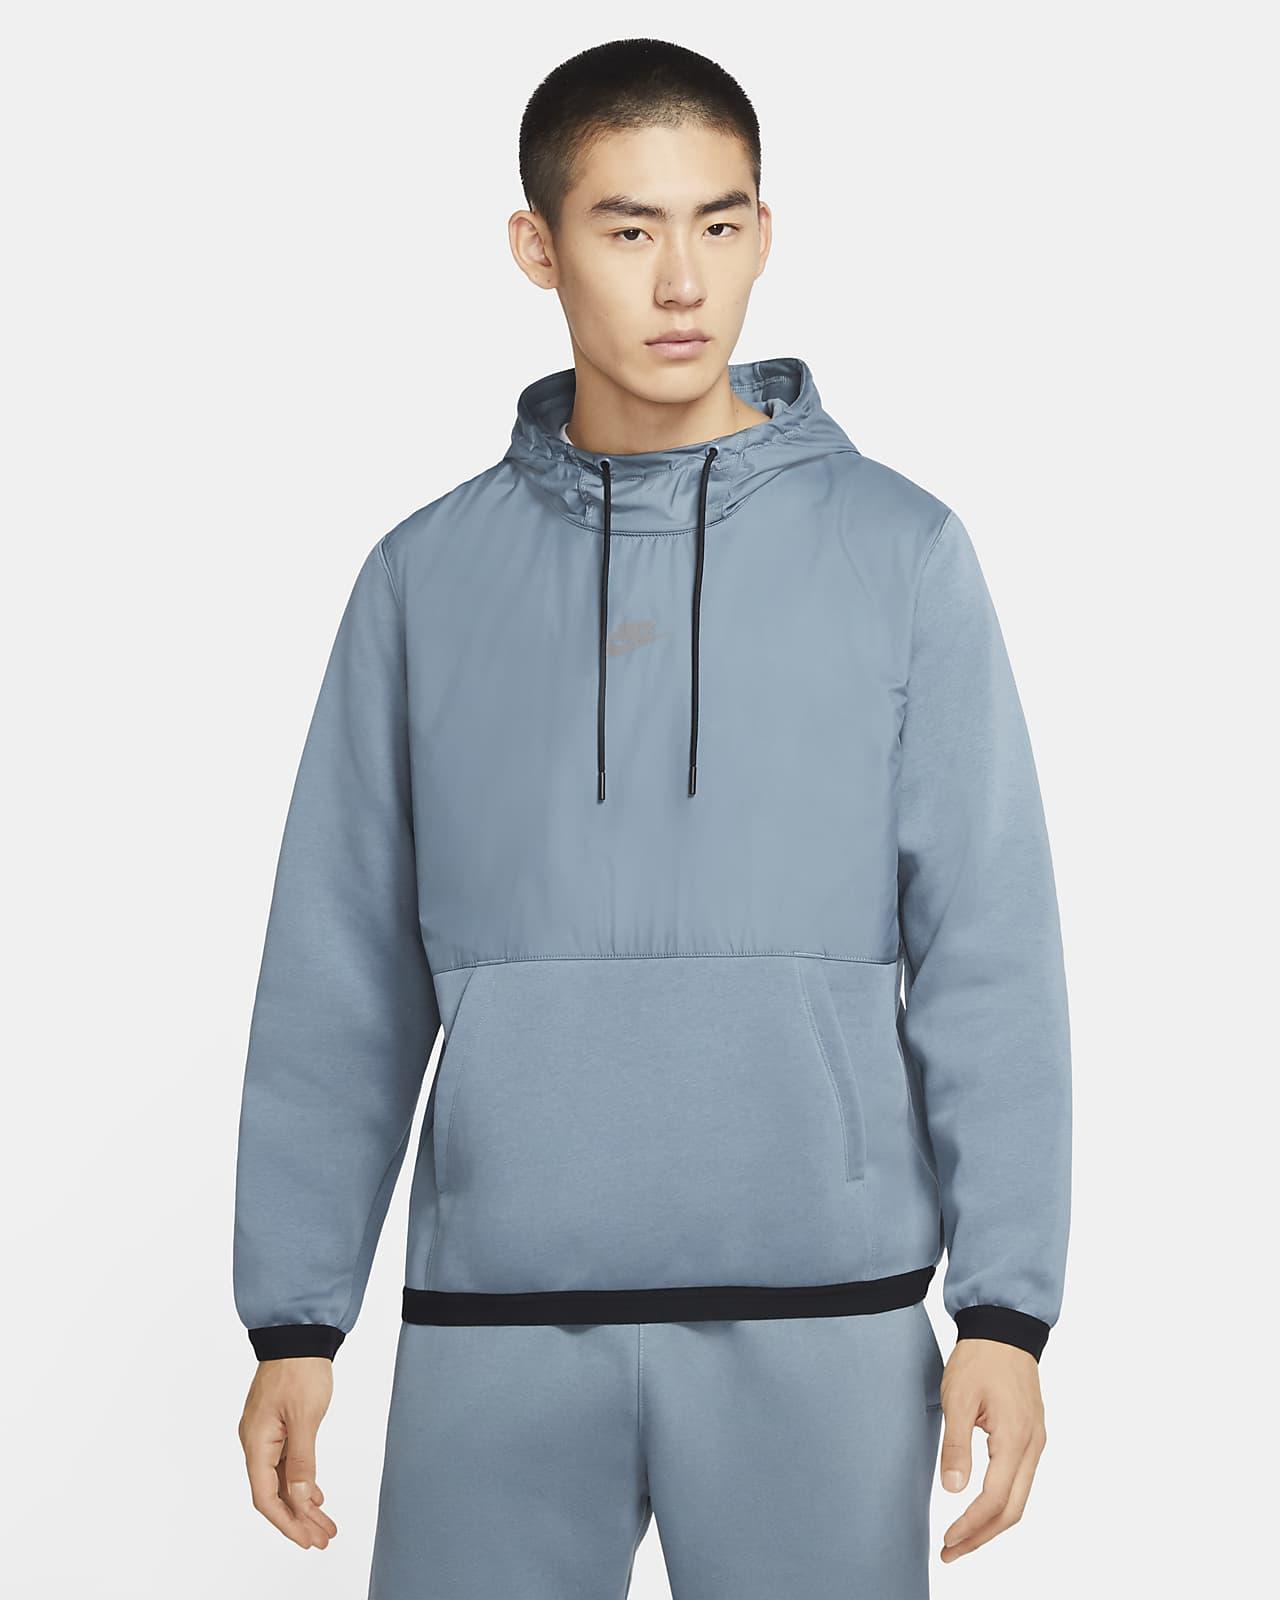 Nike Sportswear Just Do It + 男子连帽衫